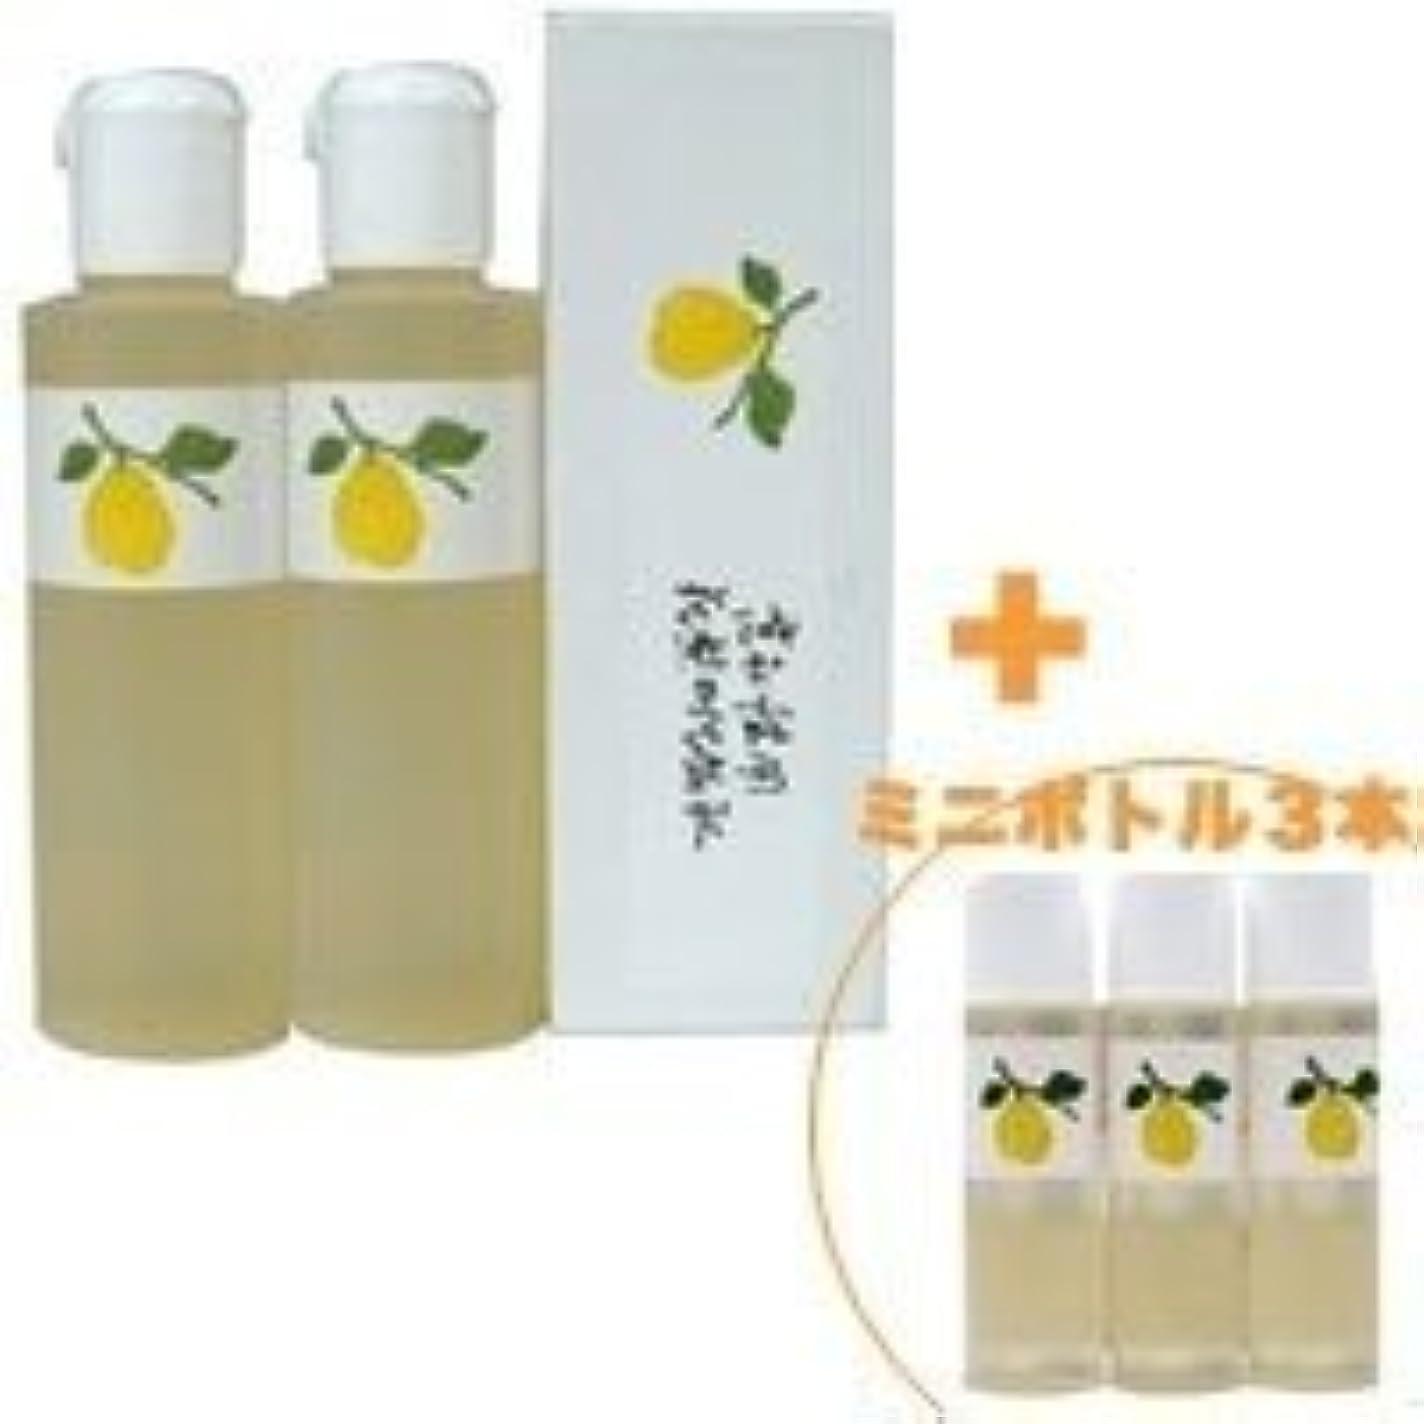 宮殿フルート鮮やかな花梨の化粧水 200ml 2本&ミニボトル 3本 美容液 栄養クリームのいらないお肌へ 保湿と乾燥対策に